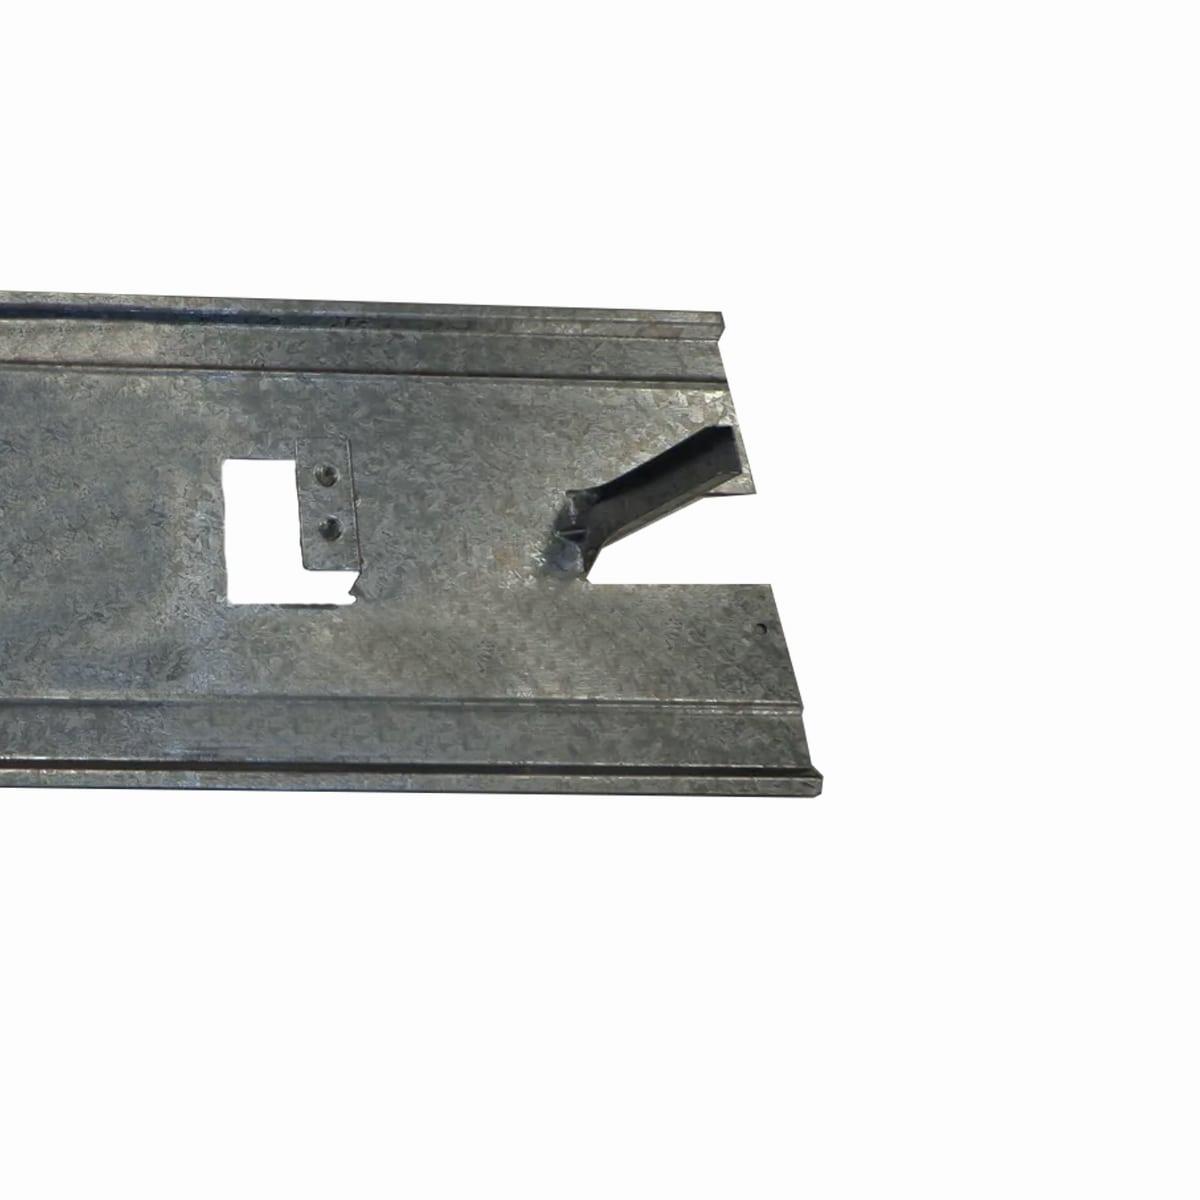 Chão Fixo Forno Fogão Electrolux - 72610108